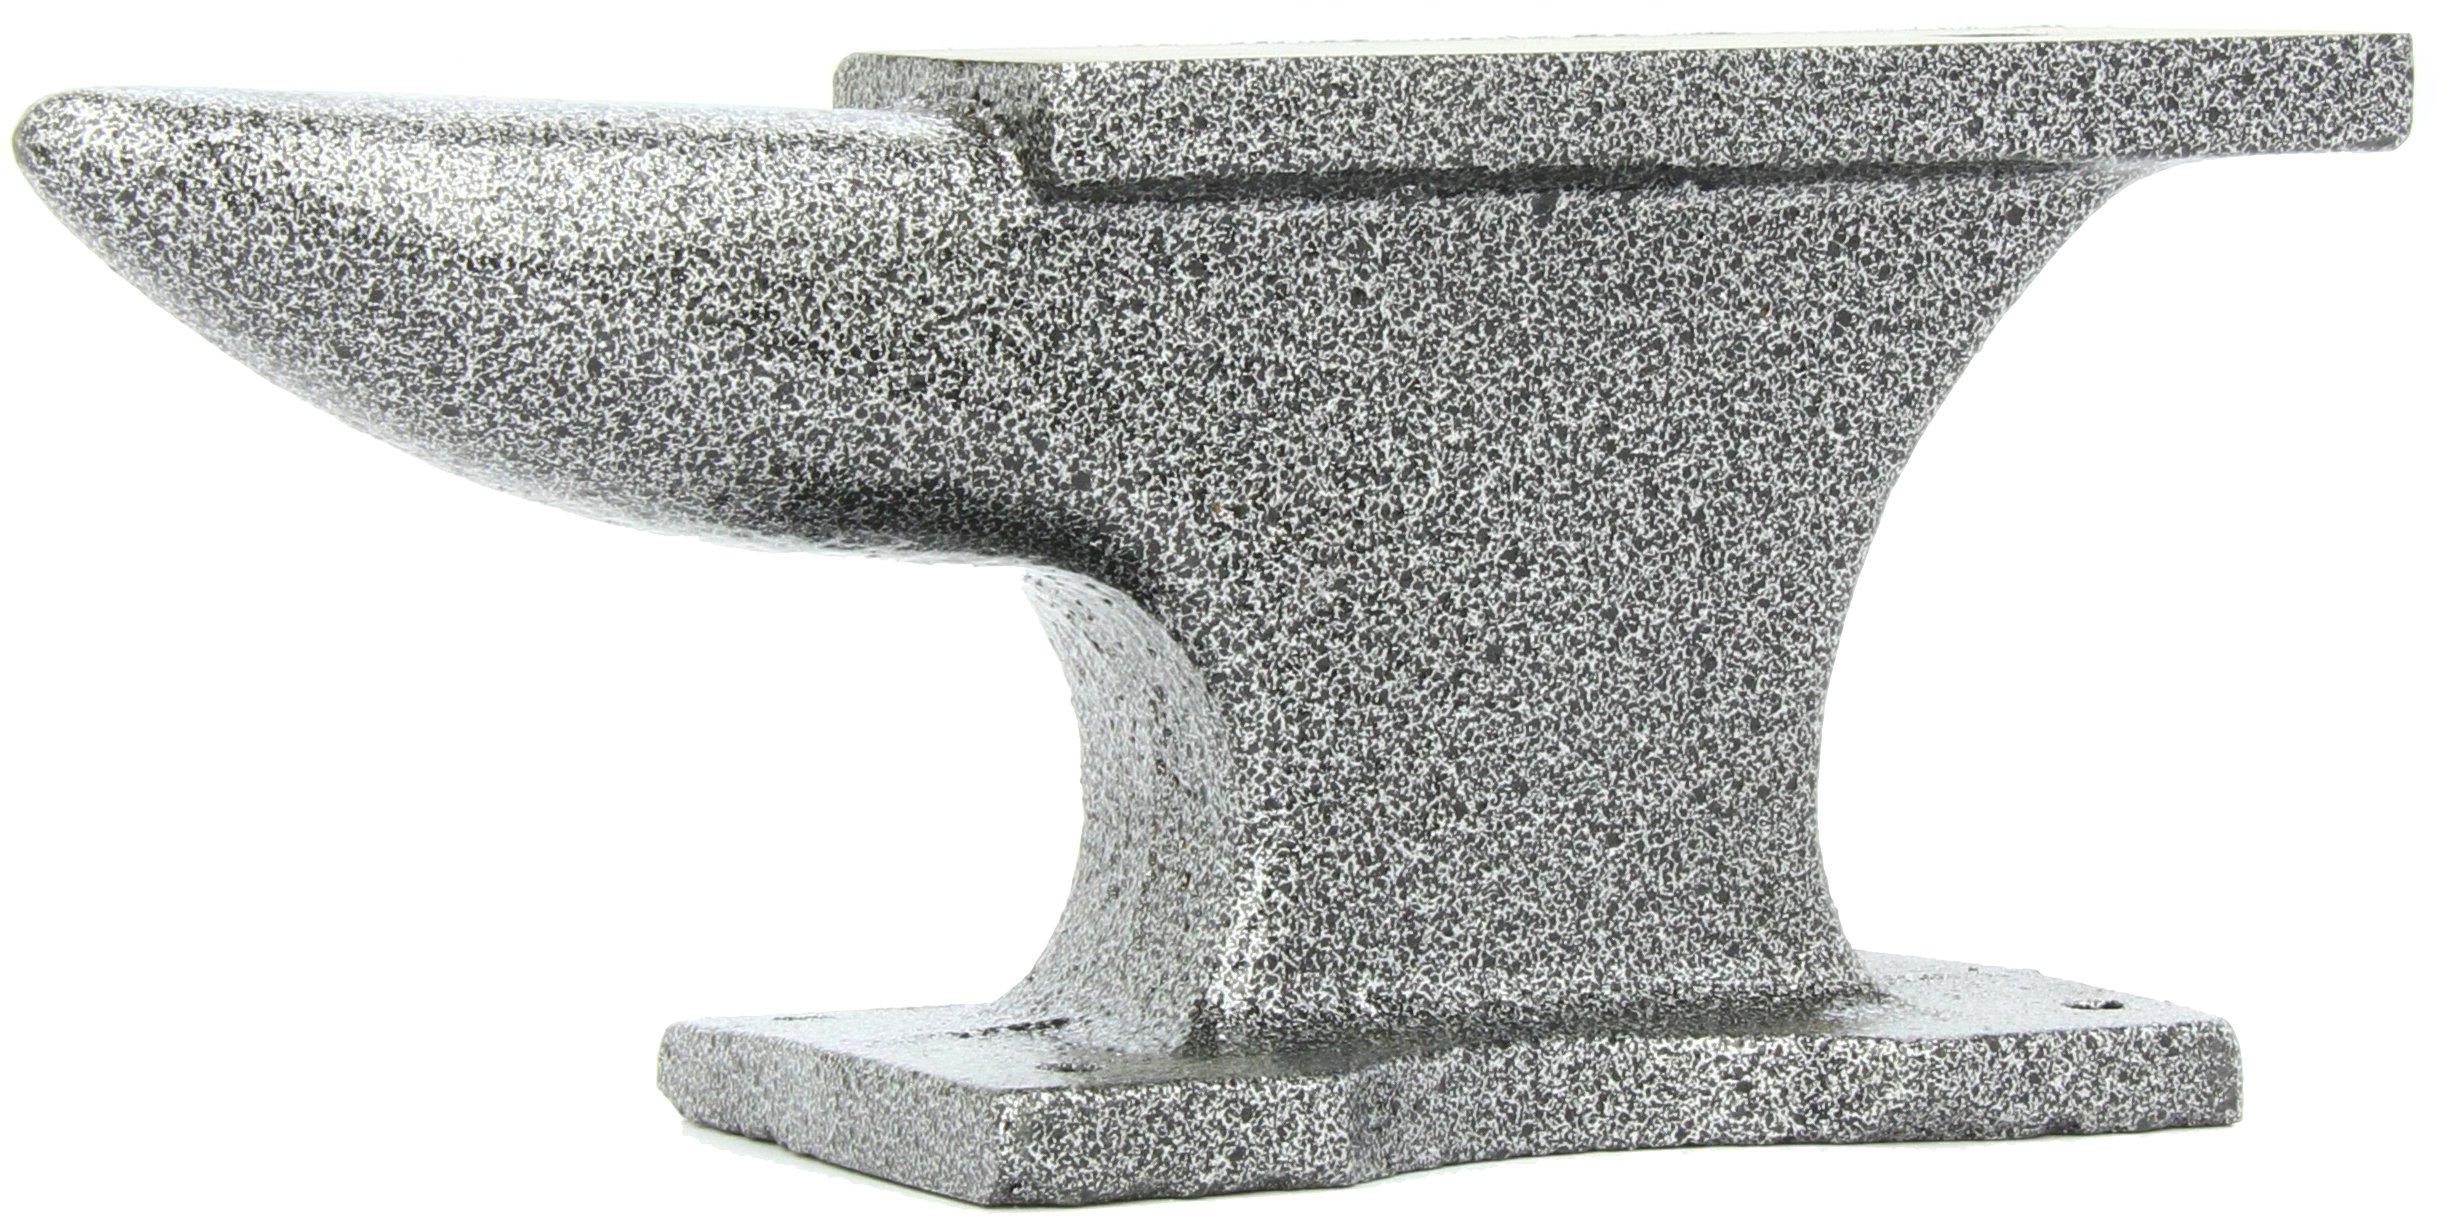 Olympia Tools 38-789 9 Lb. Hobby Anvil, Cast Iron